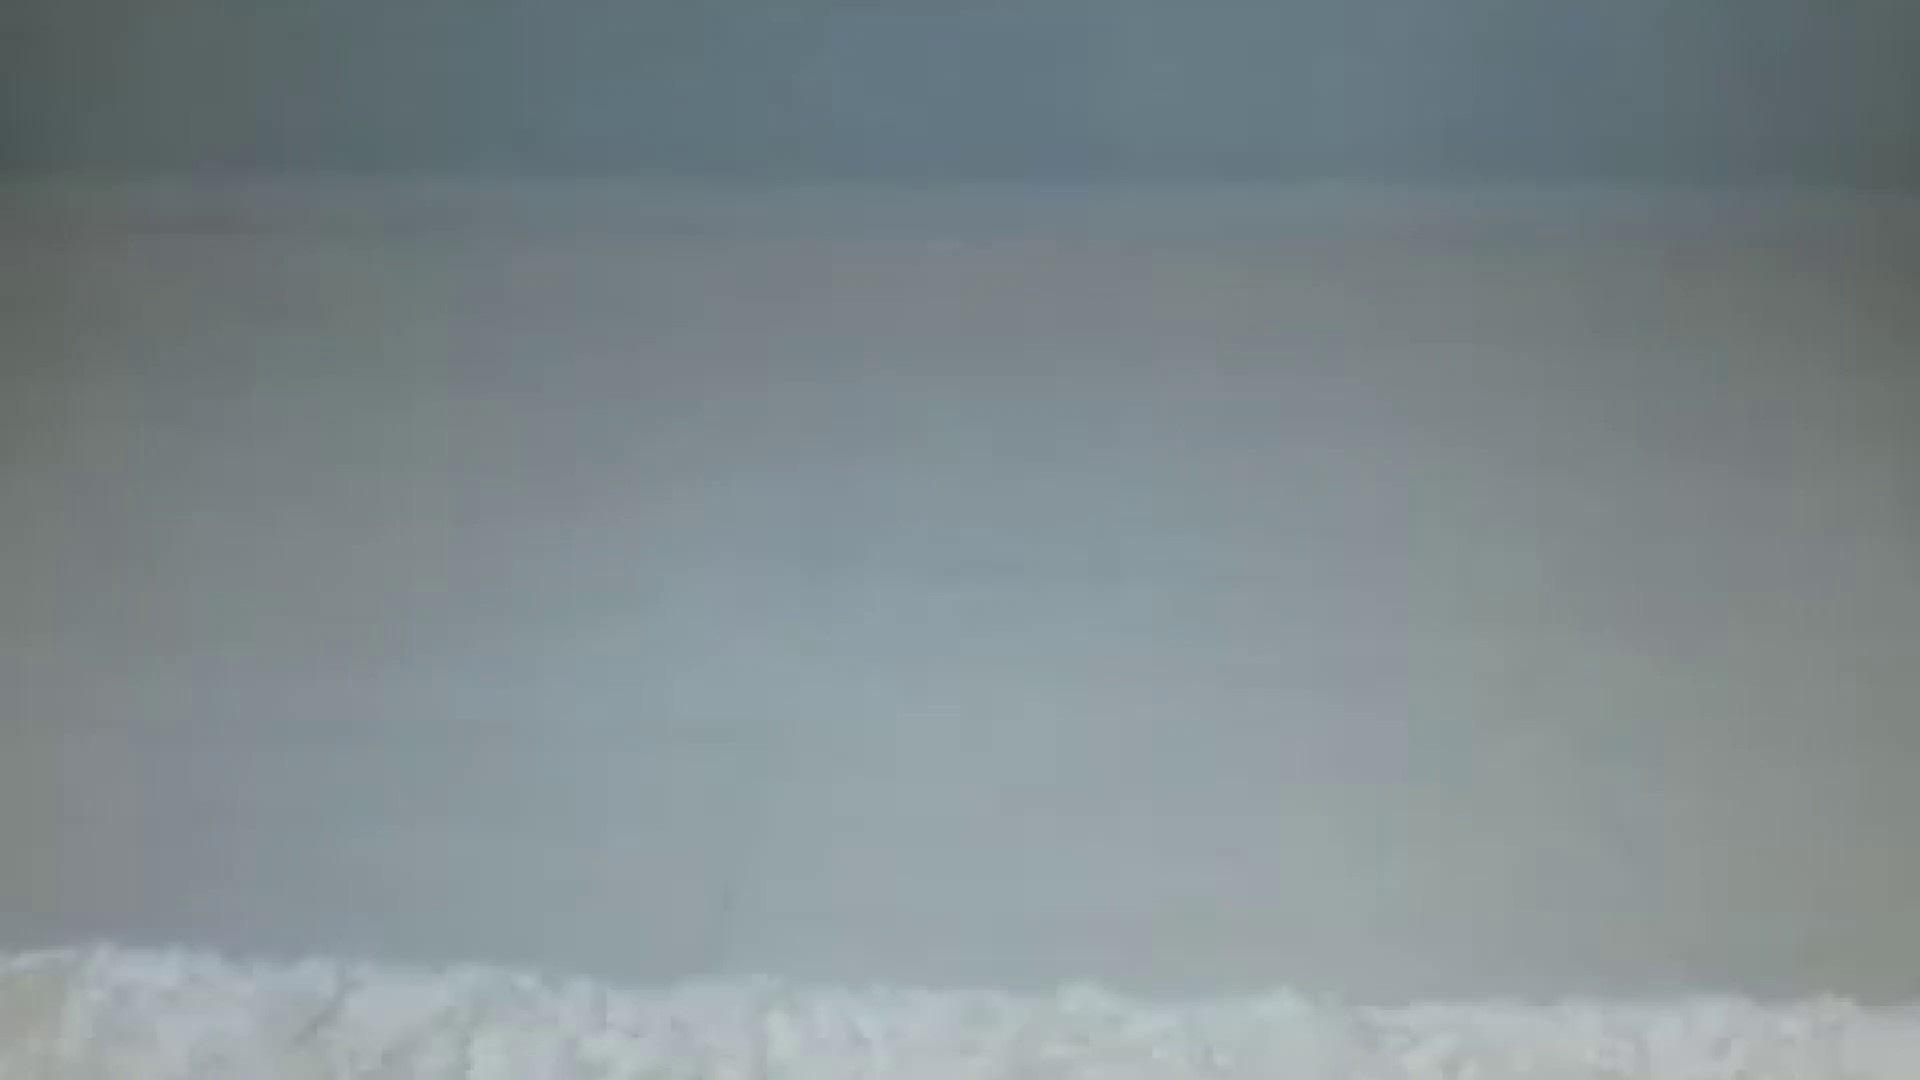 ゲイ 肉棒 動画|~厳選!素人イケメン~俺のオナニズムⅢVol.07|オナニー